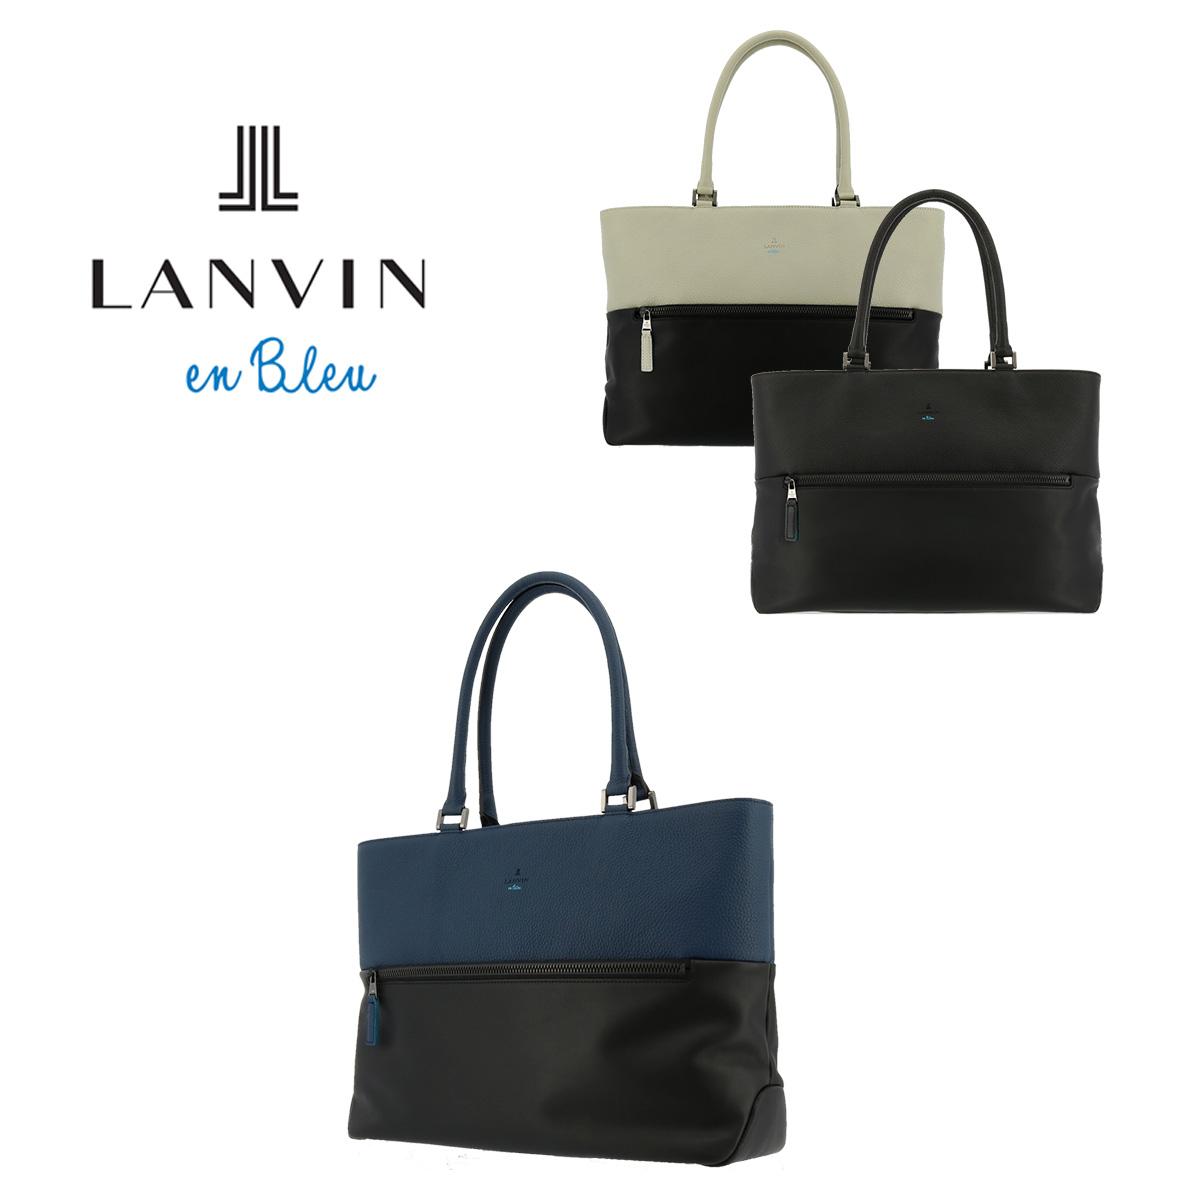 ランバンオンブルー LANVIN en Bleu トートバッグ 574701 フェリチタ メンズ レザー [bef][即日発送][PO10]